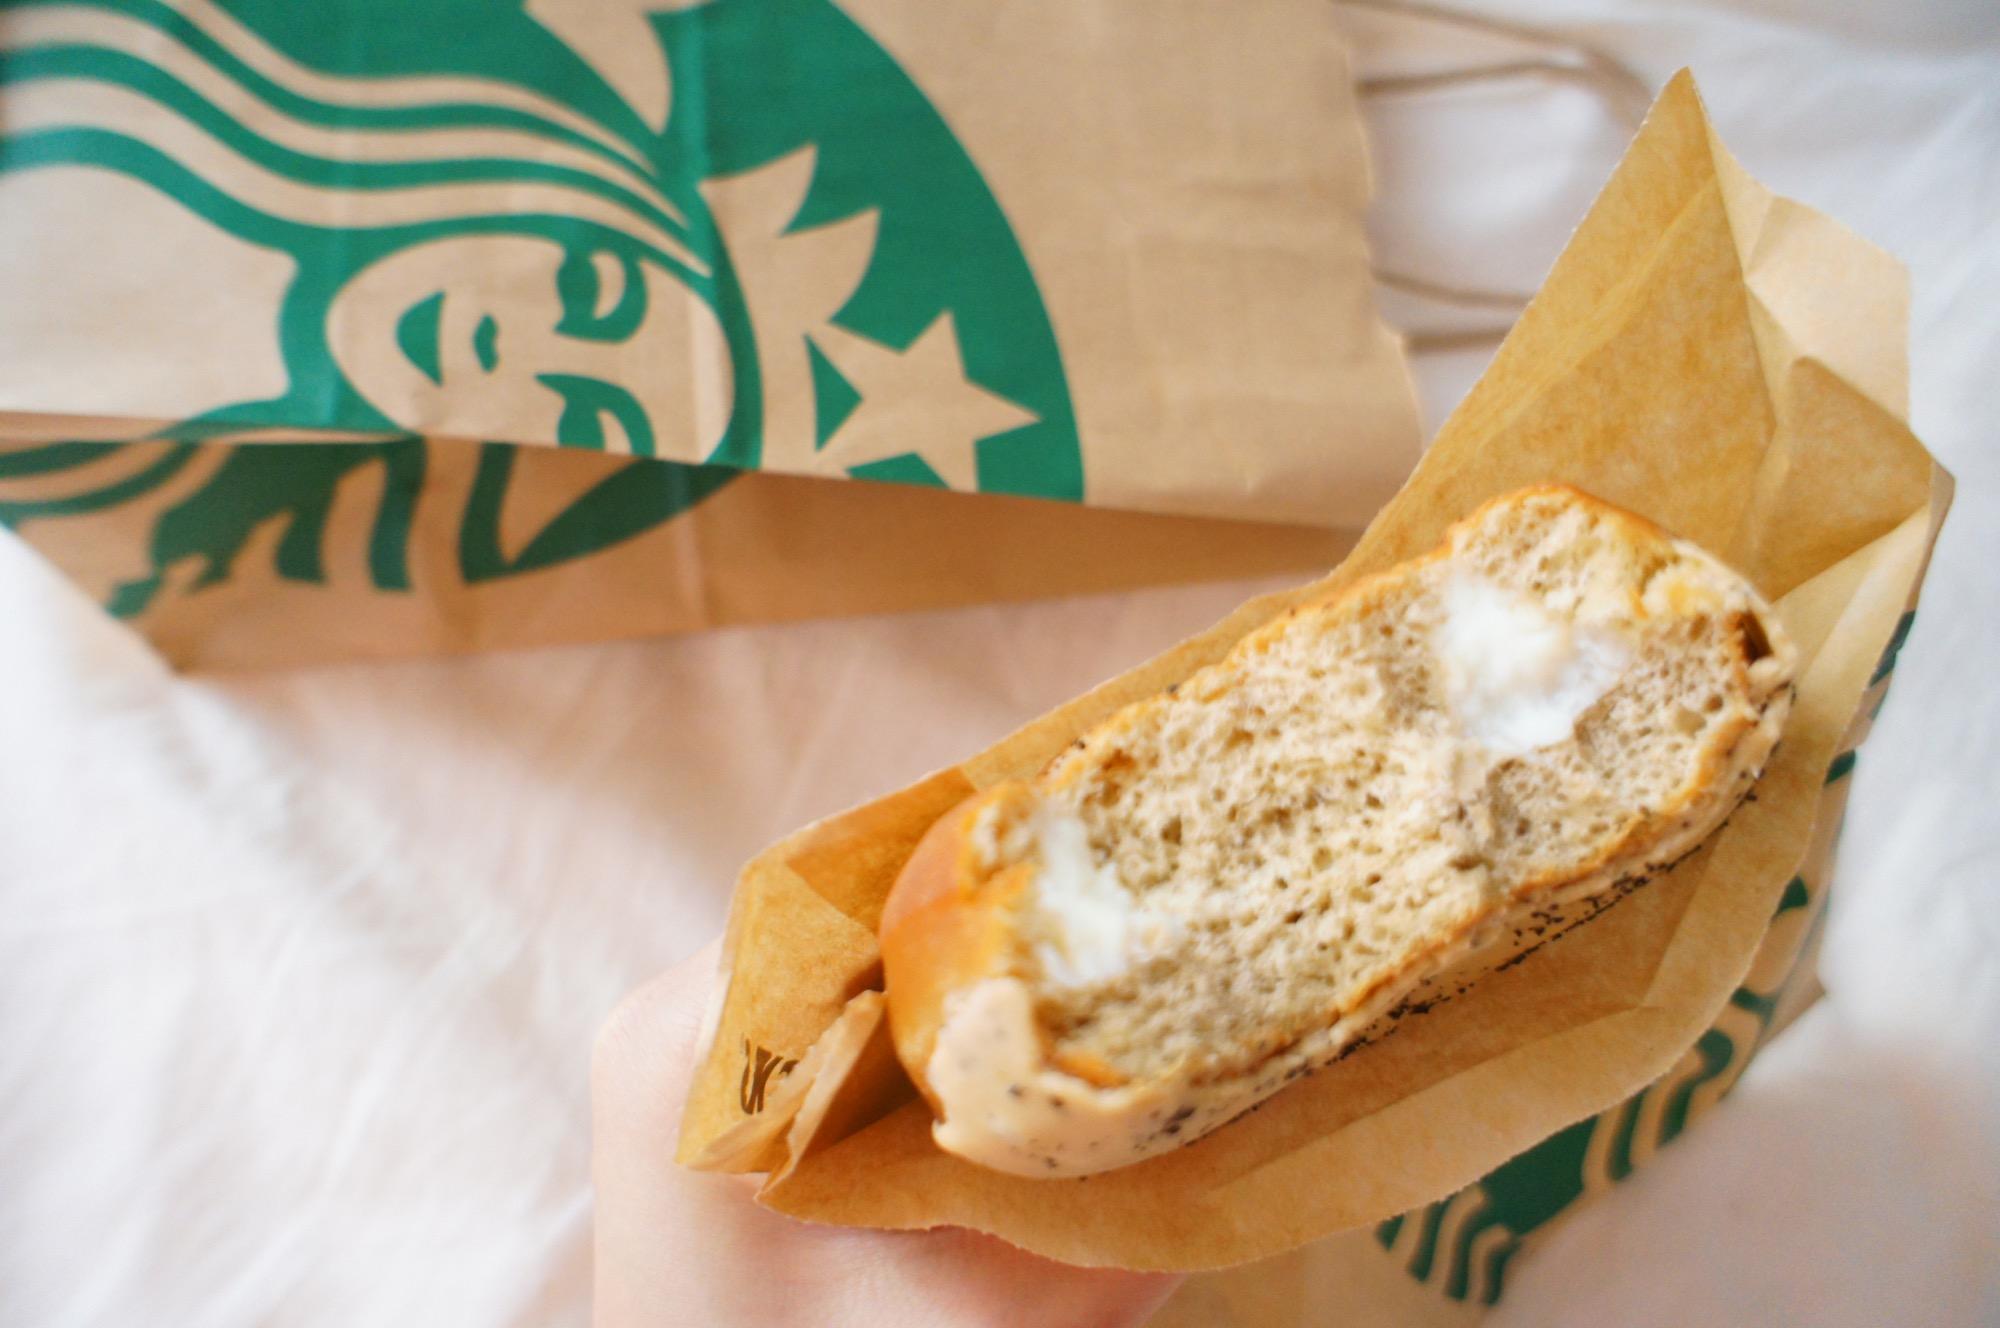 《待望の復活❤️》【スタバ】アールグレイミルククリームドーナツが美味しすぎる!☻_2